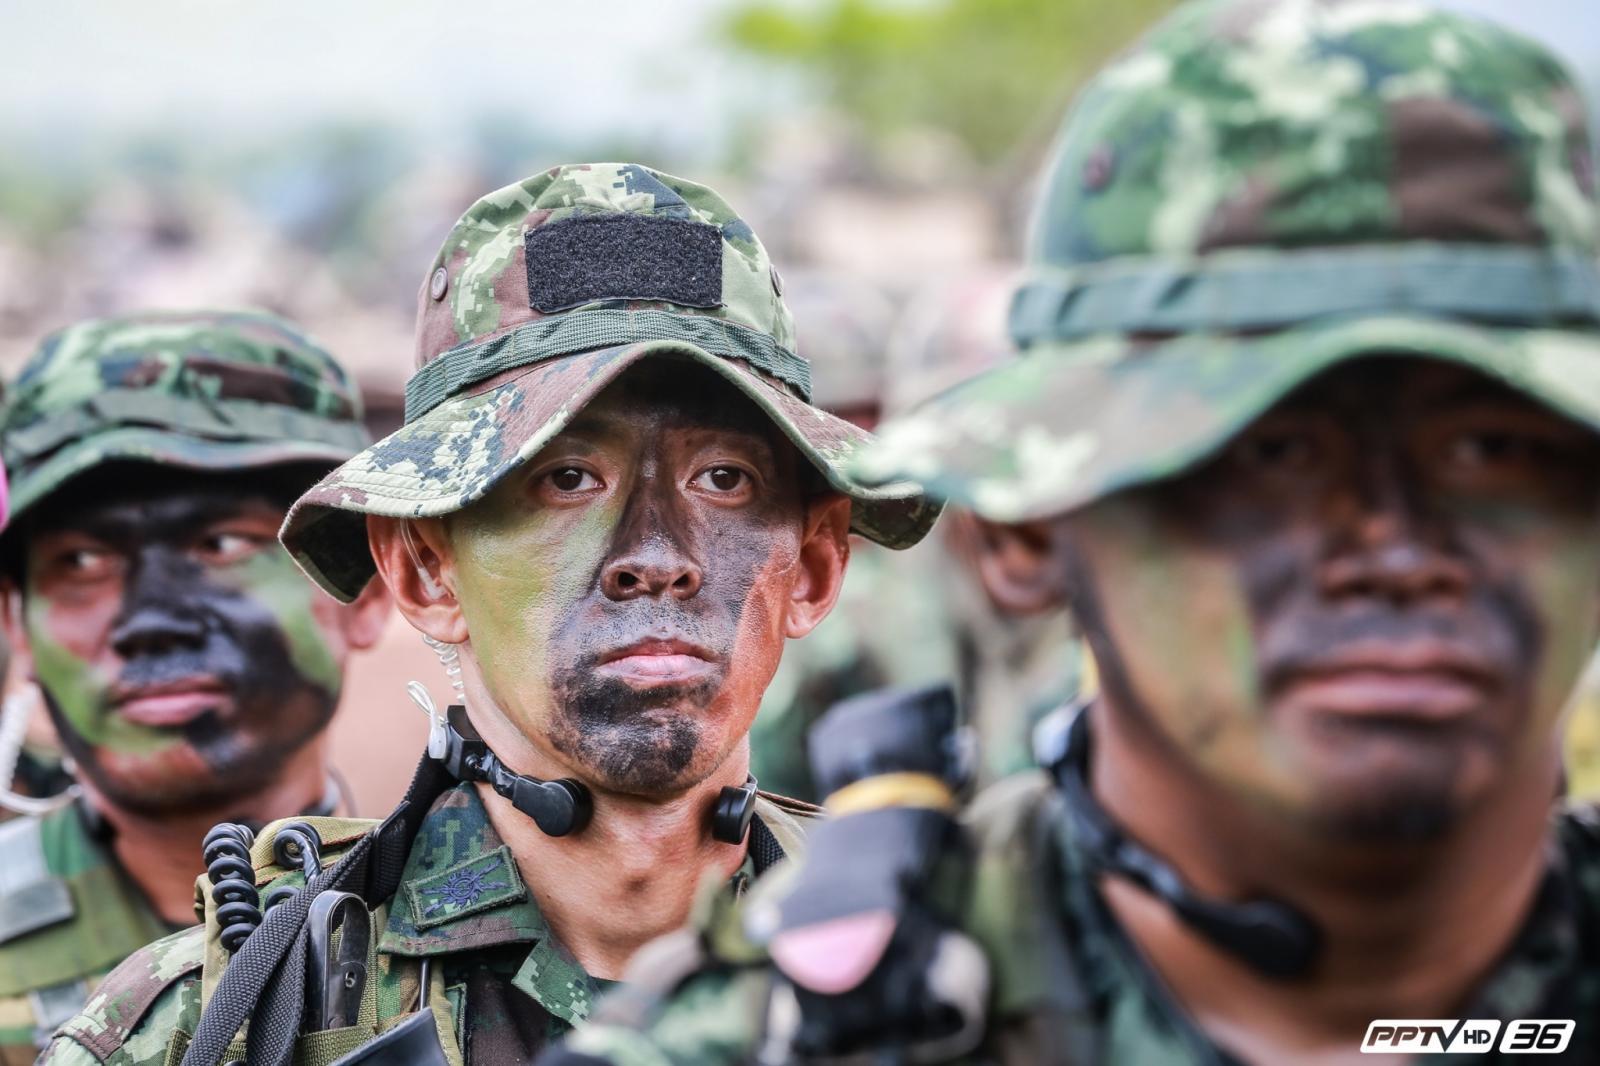 พาไปชม..การฝึกประจำปี กรมทหารม้าเฉพาะกิจ พล.ร.2รอ.